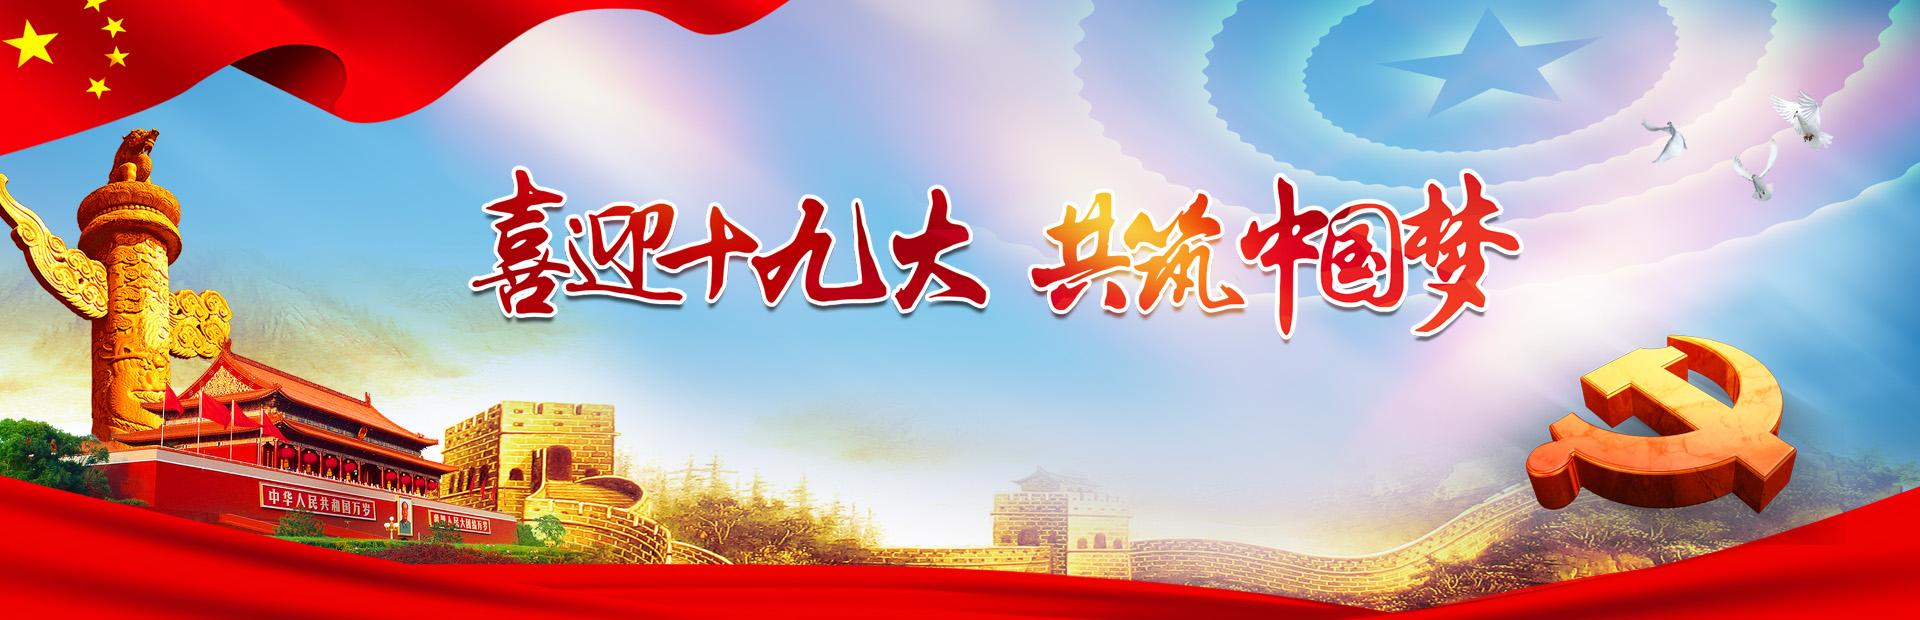 中国梦 航天梦